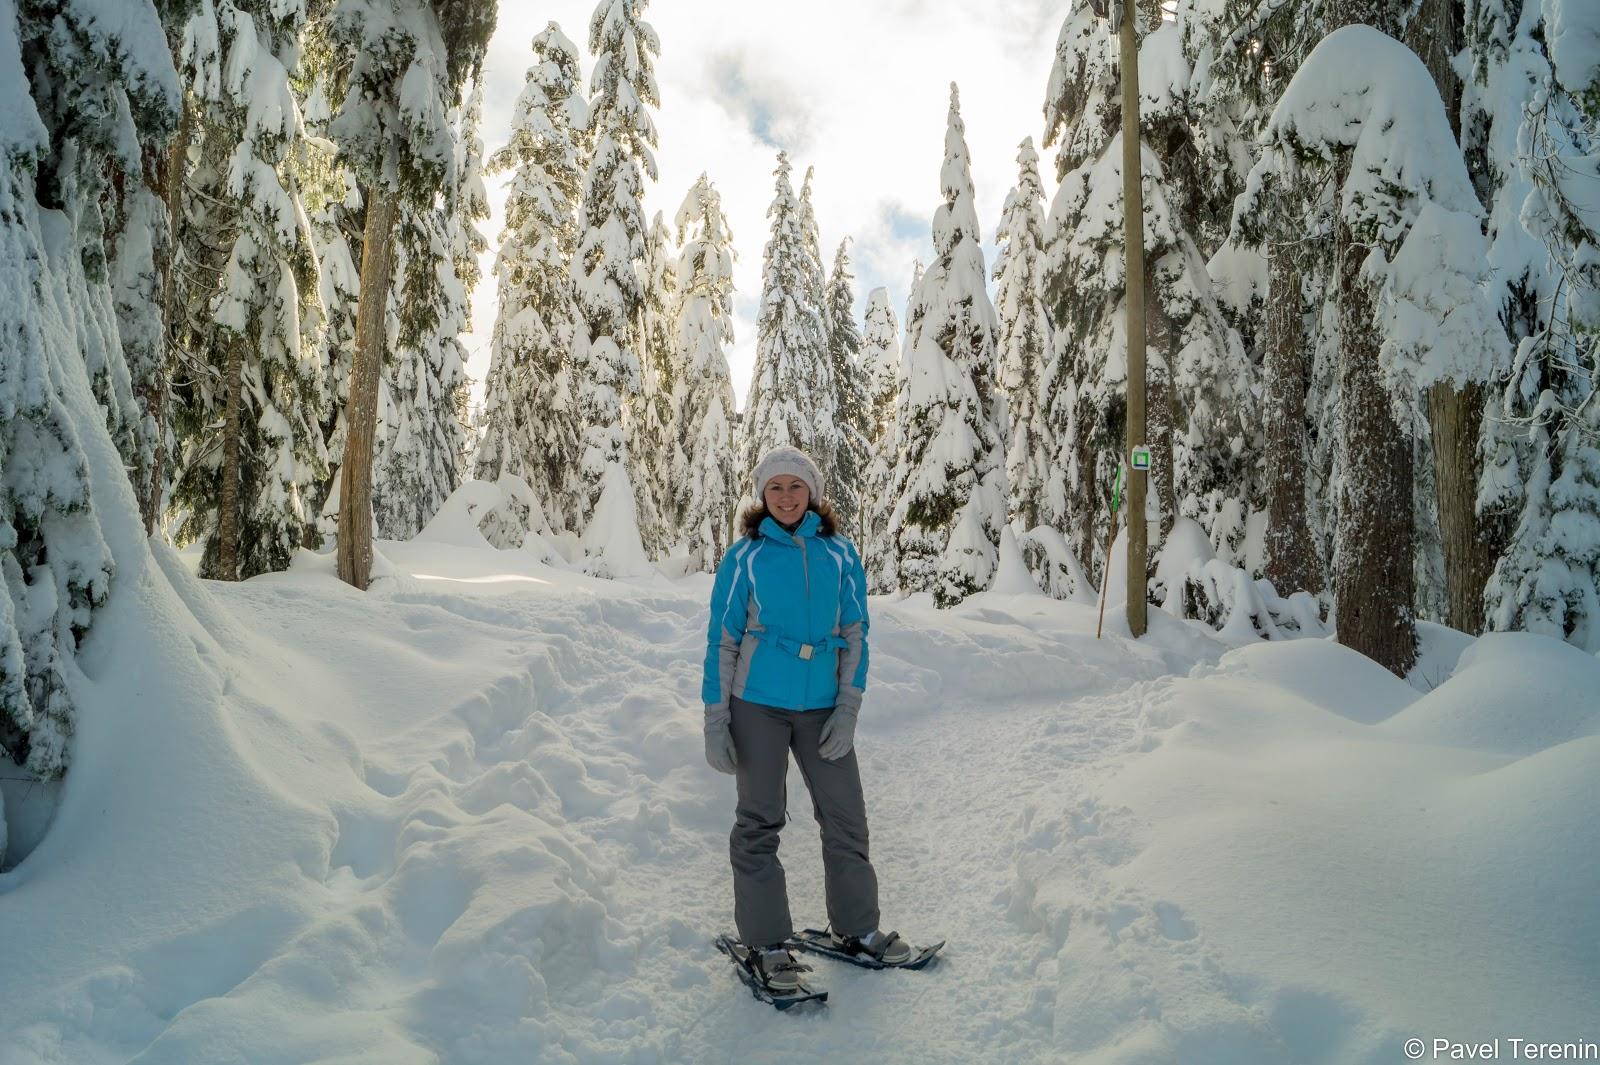 Надев снегоступы, мы направились исследовать запутанные тропы снежного леса.